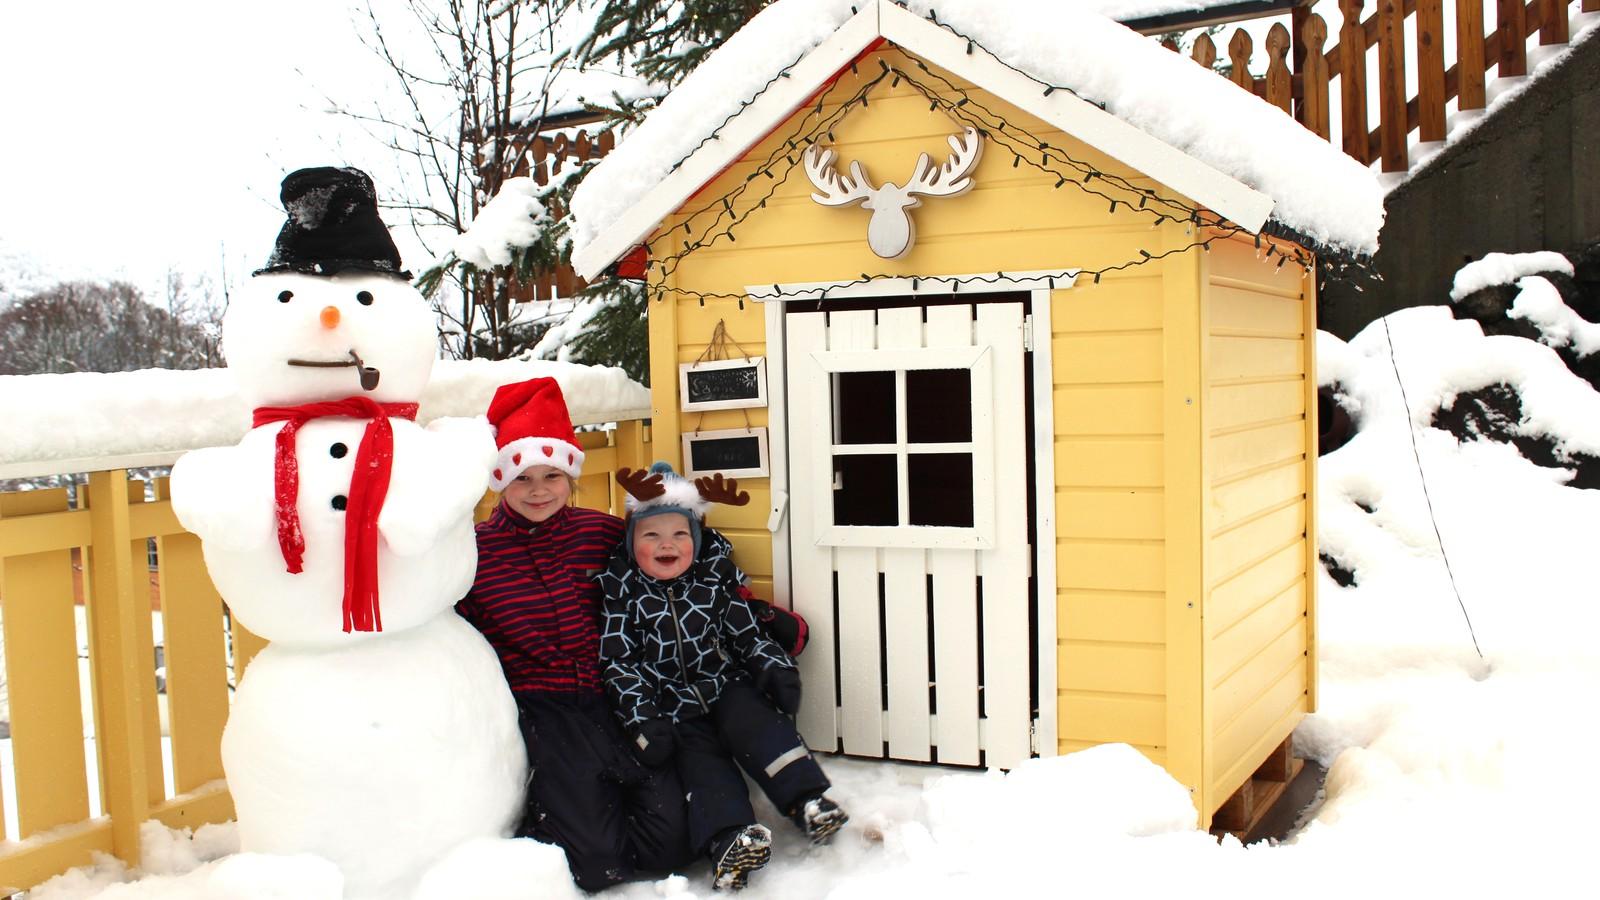 Julehelsing frå Johan, Yvonne, Sanne og Sverre i Stryn